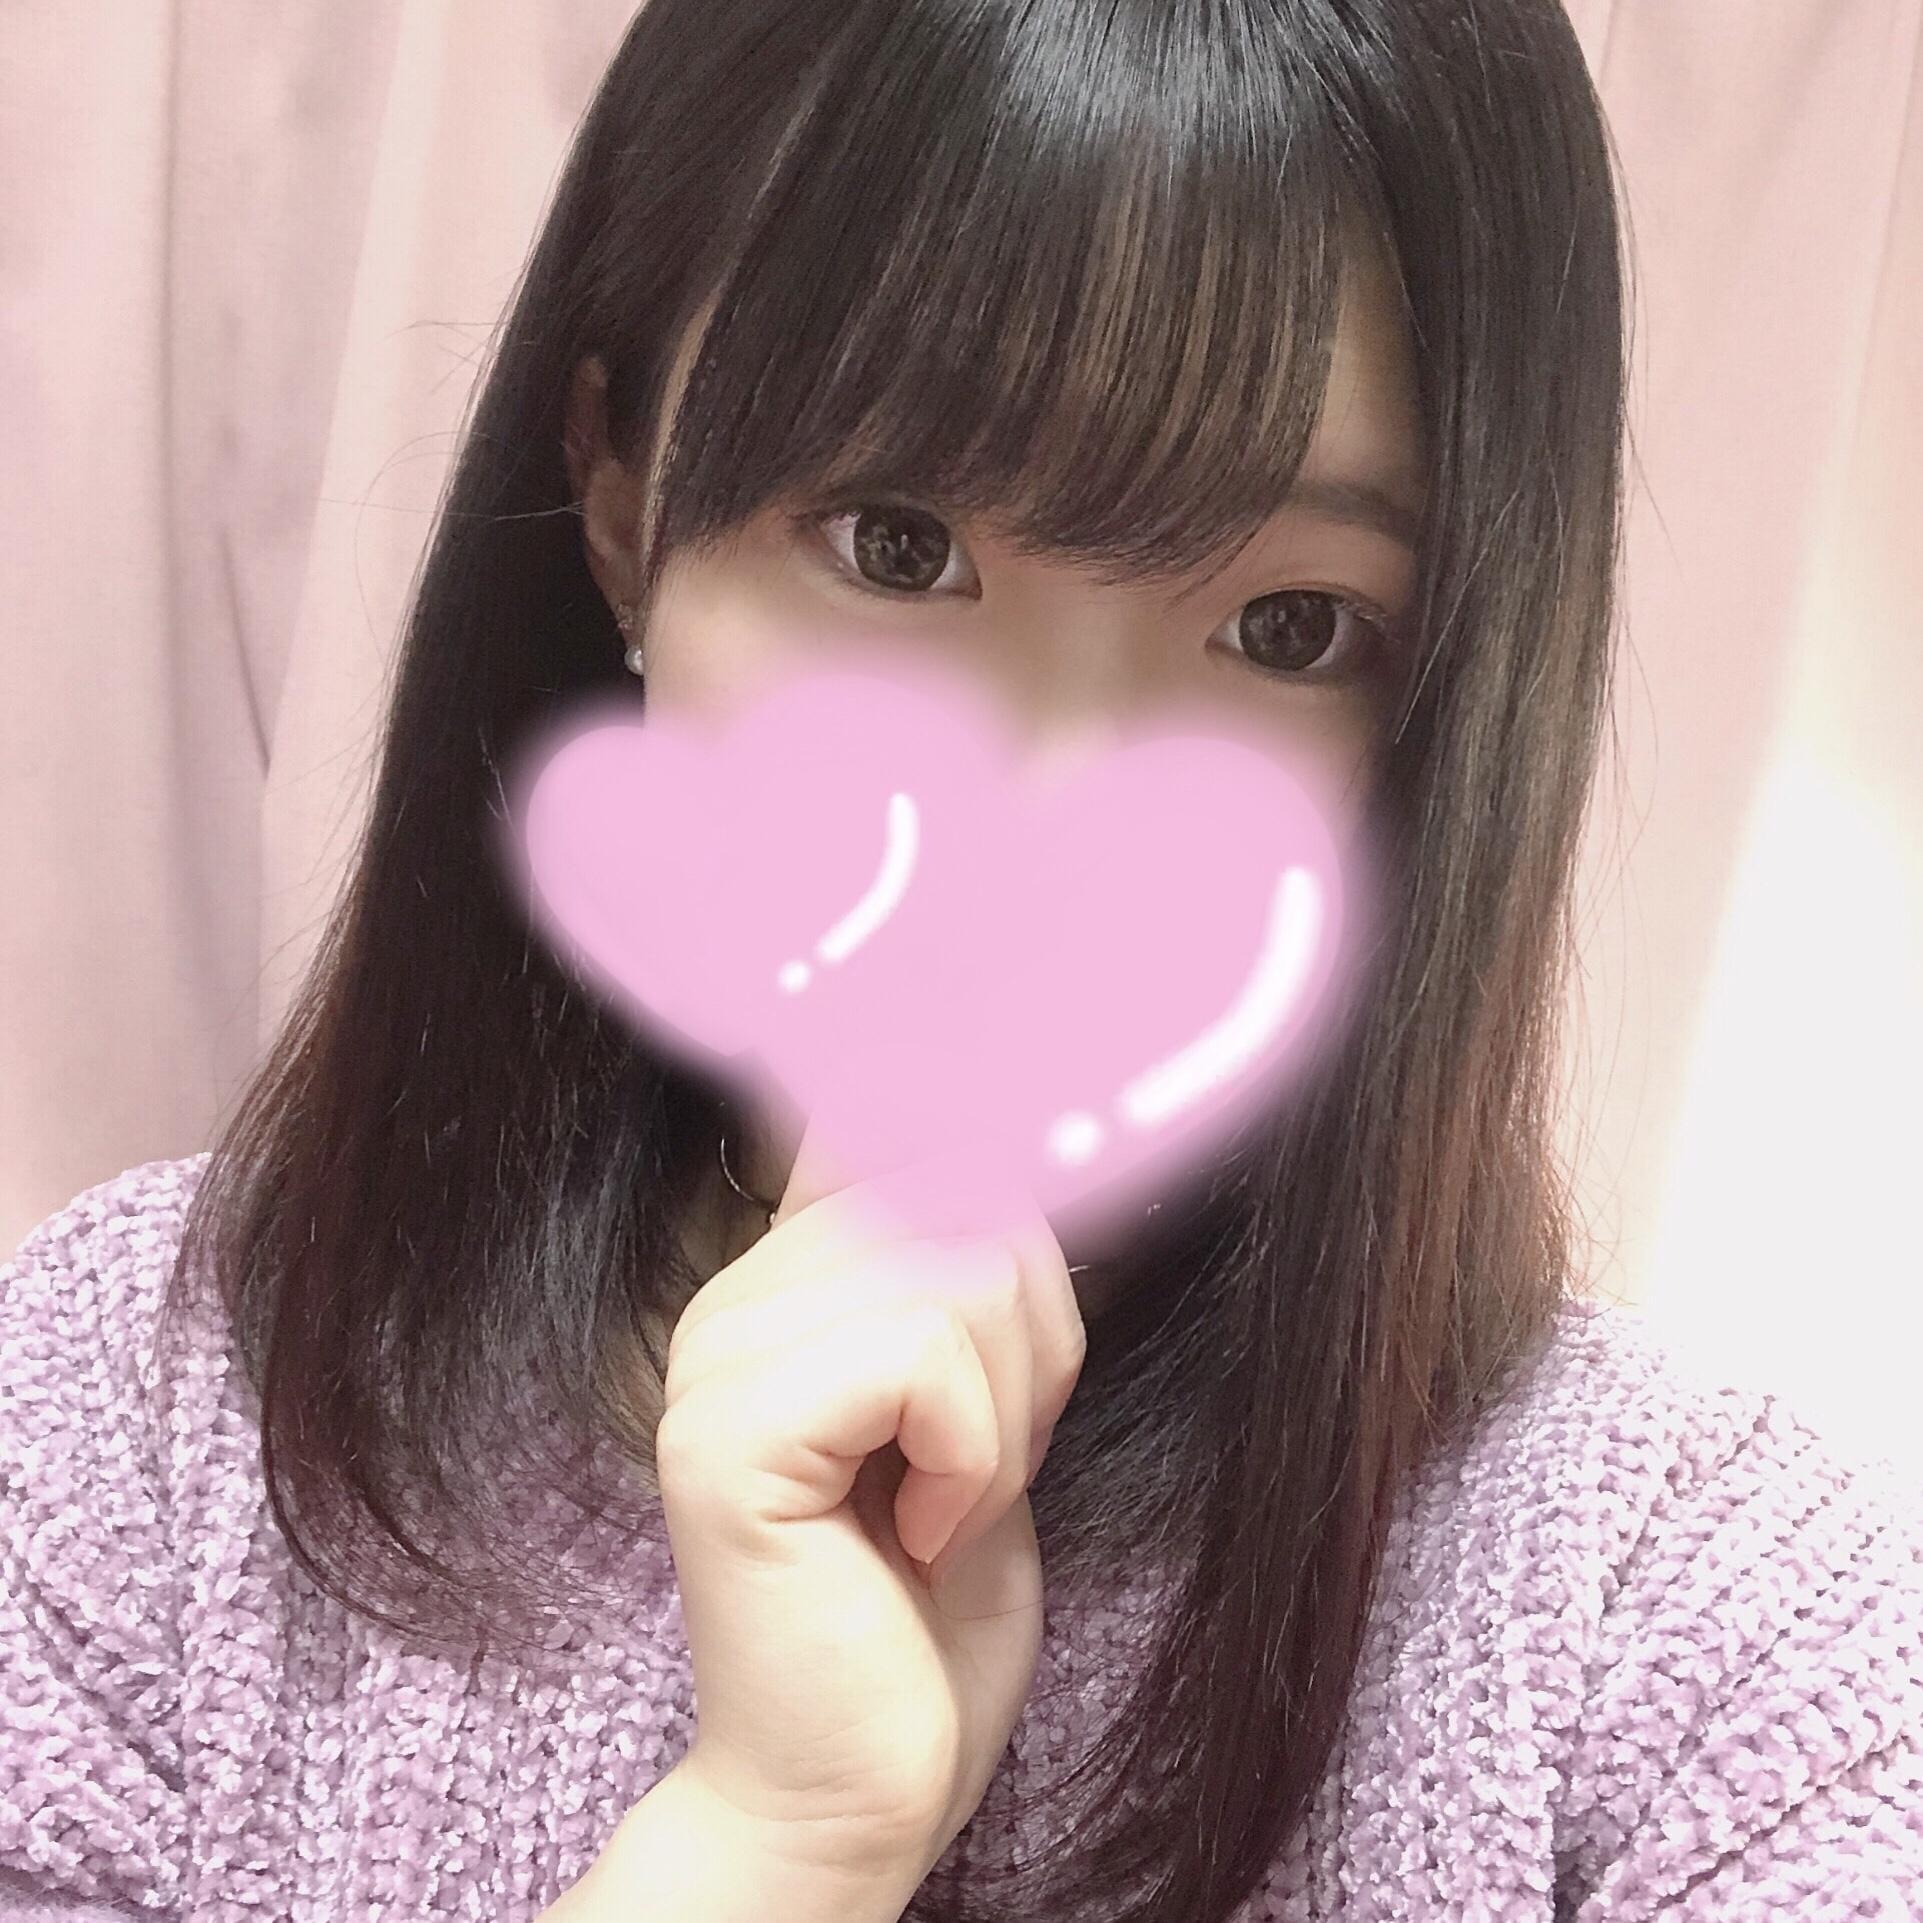 「出勤予定日 ❤︎」03/22(金) 11:53 | あみちゃんの写メ・風俗動画